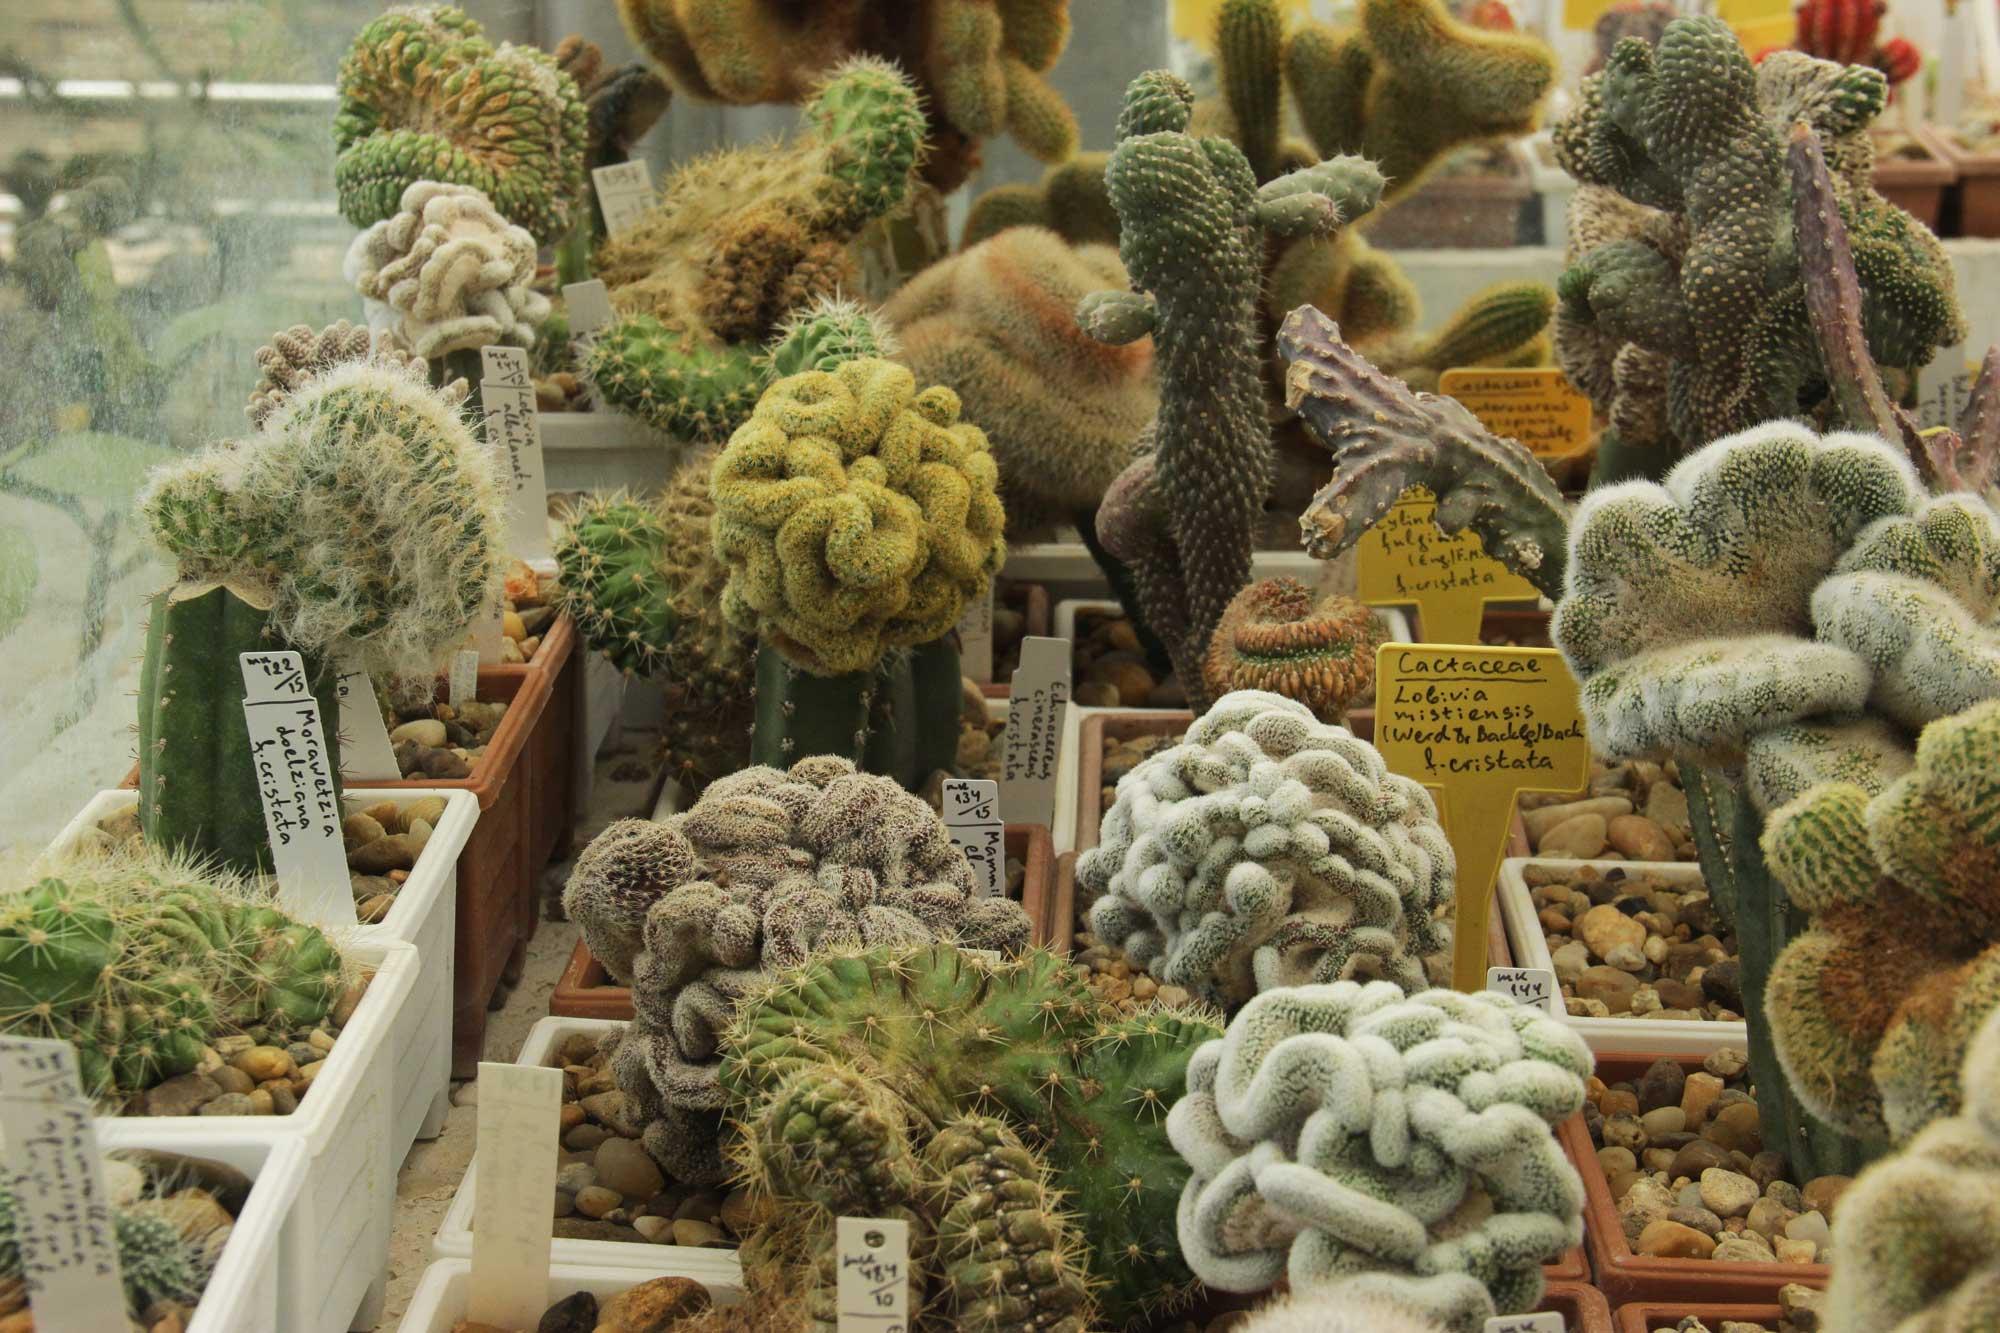 кактусы причудливых инопланетных форм